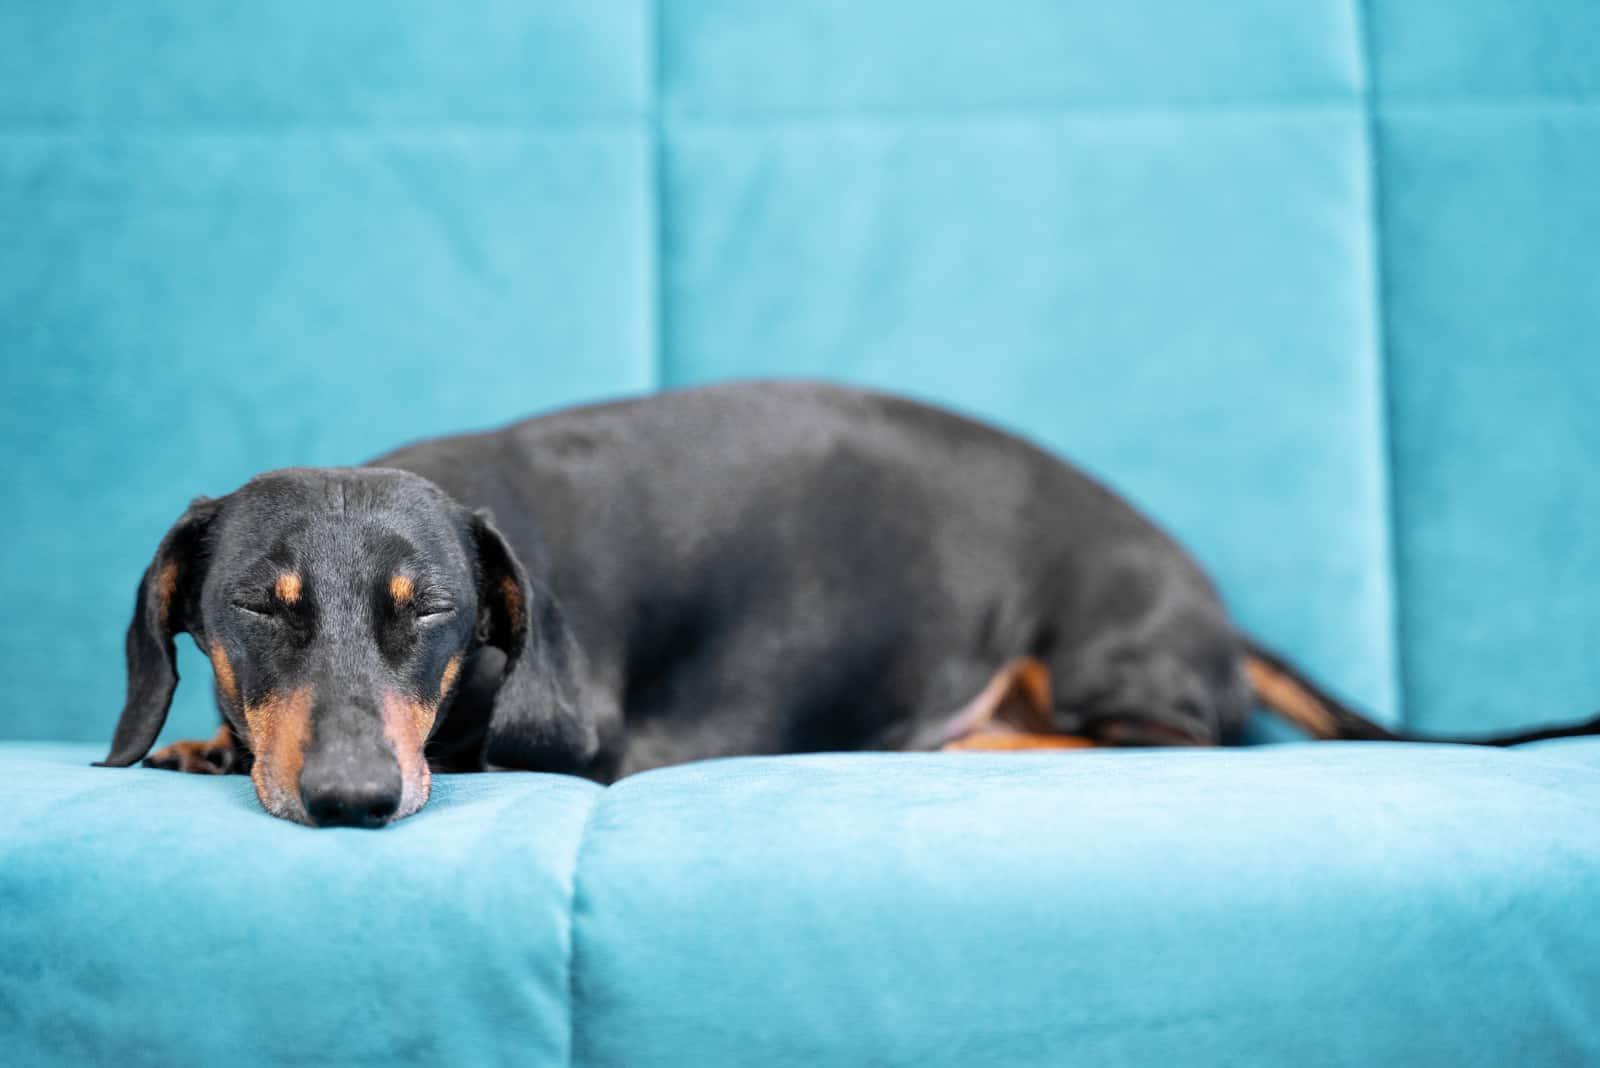 Dachshunds lie on the sofa